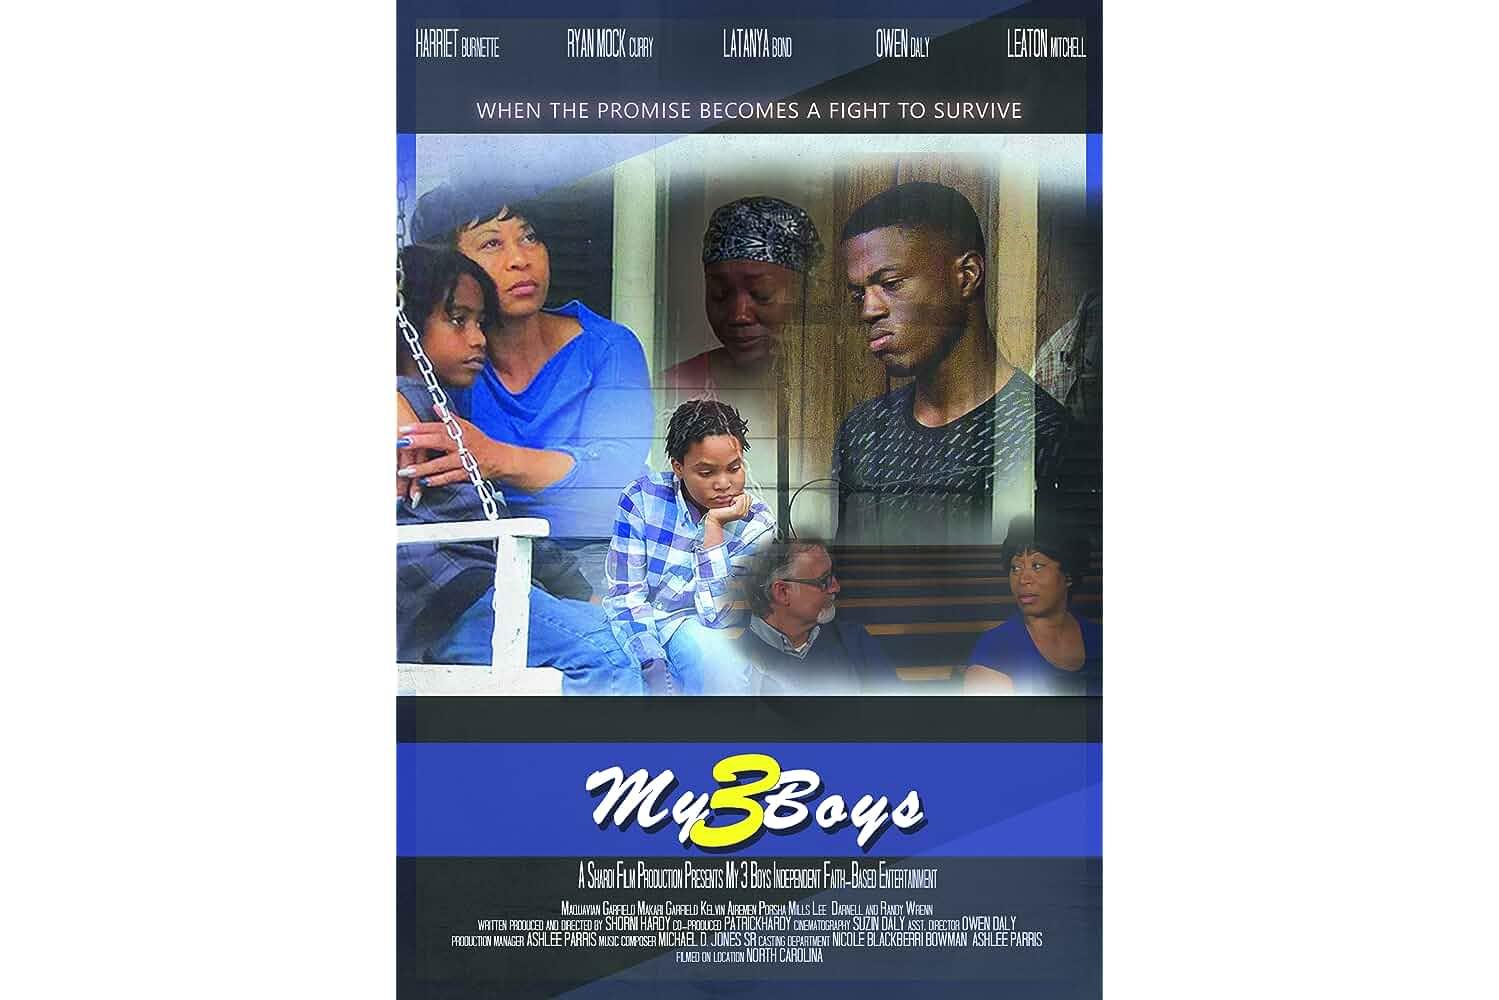 My 3 Boys (2018)